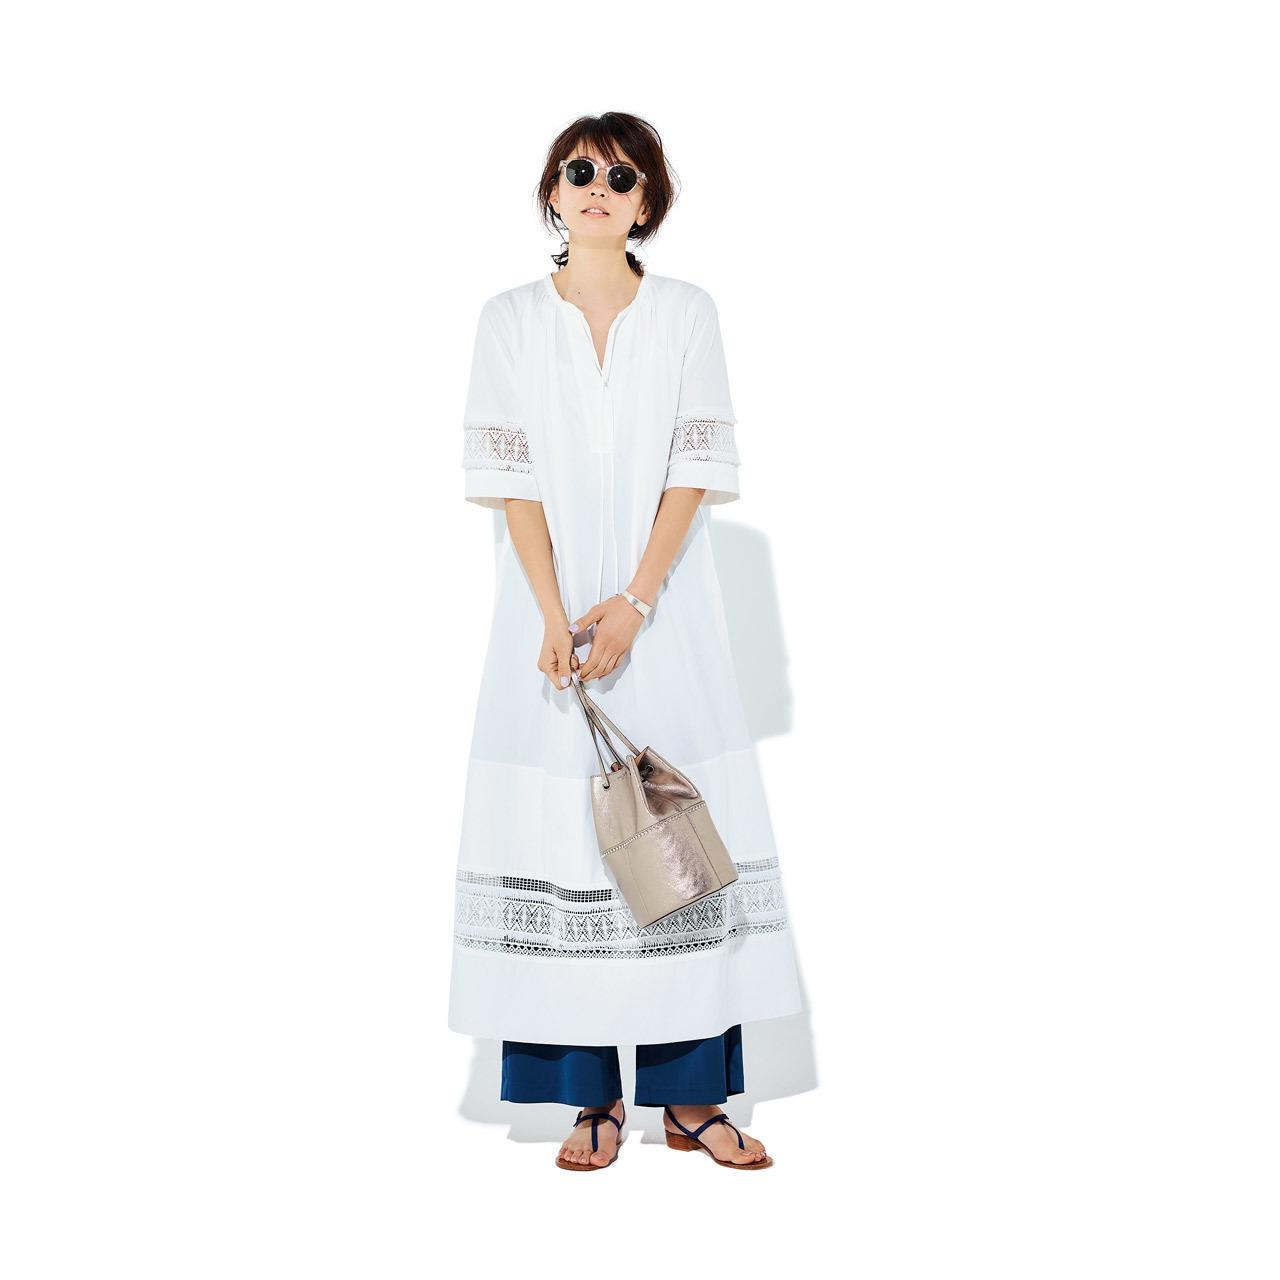 袖あり白ワンピース×パンツコーデ